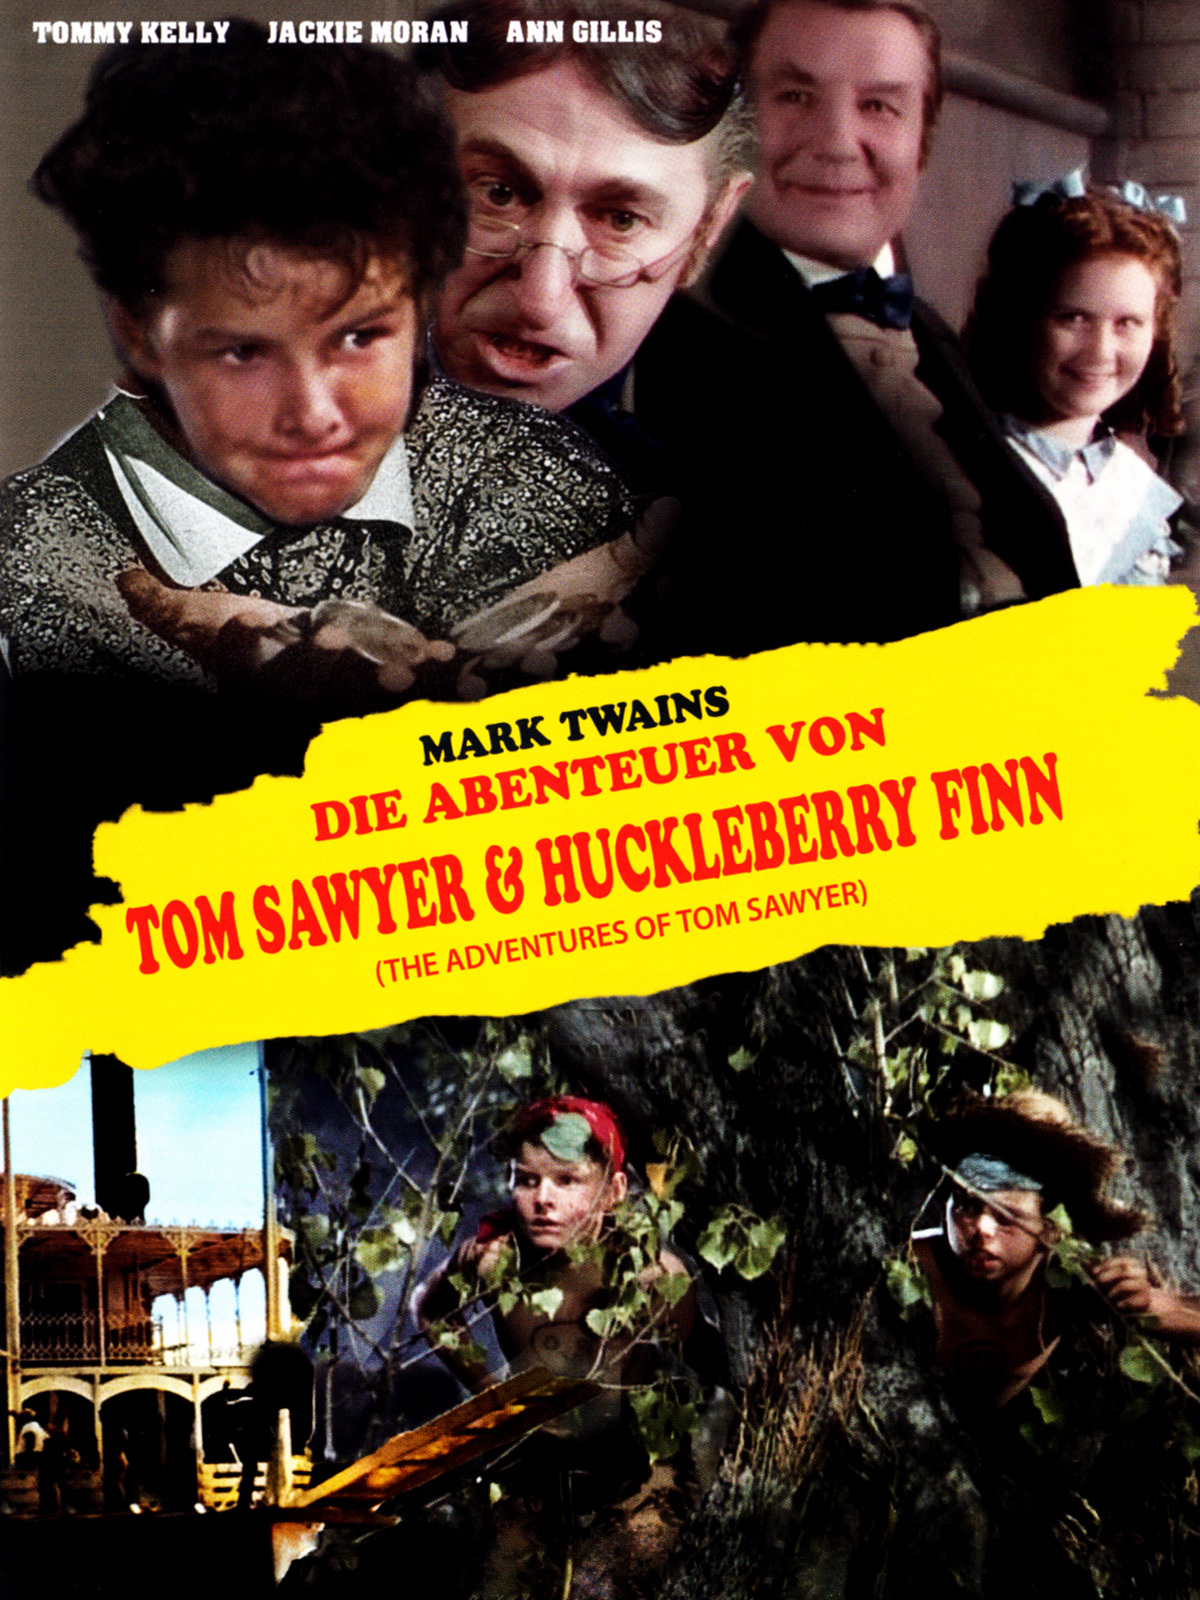 Die Abenteuer von Tom Sawyer & Huckleberry Finn